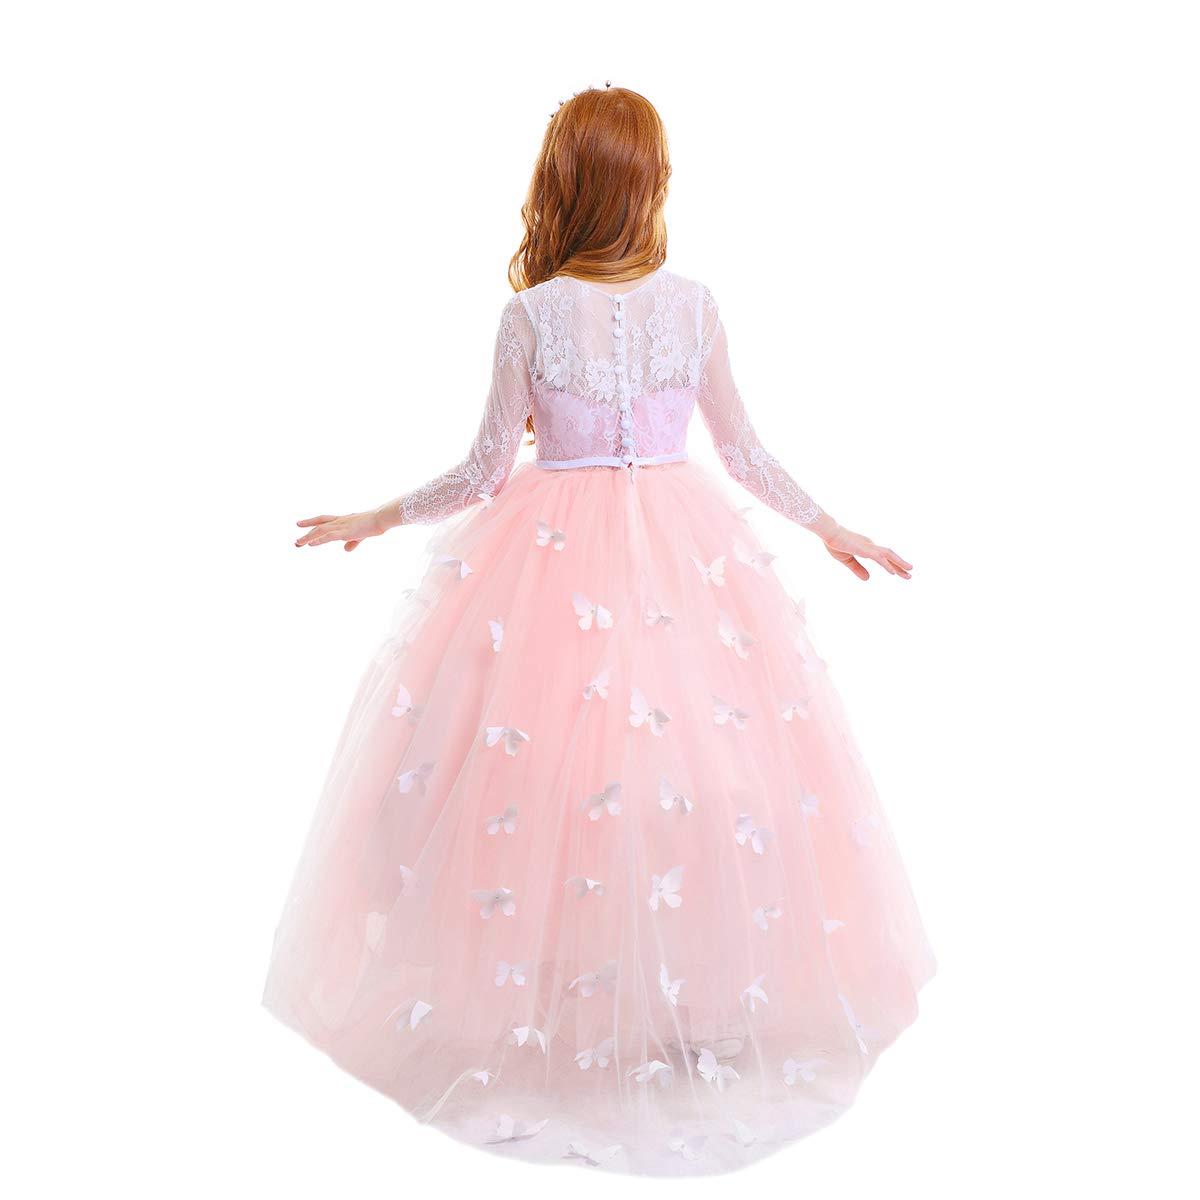 IWEMEK Princesa Vestido de Ni/ña de Flores Appliques de Encaje Tul Bowknot Boda Vestidos de Dama de Honor Comuni/ón Cumplea/ños Carnaval Pageant Bola C/óctel Fotograf/ía Vestido de Fiesta 2-13 A/ños